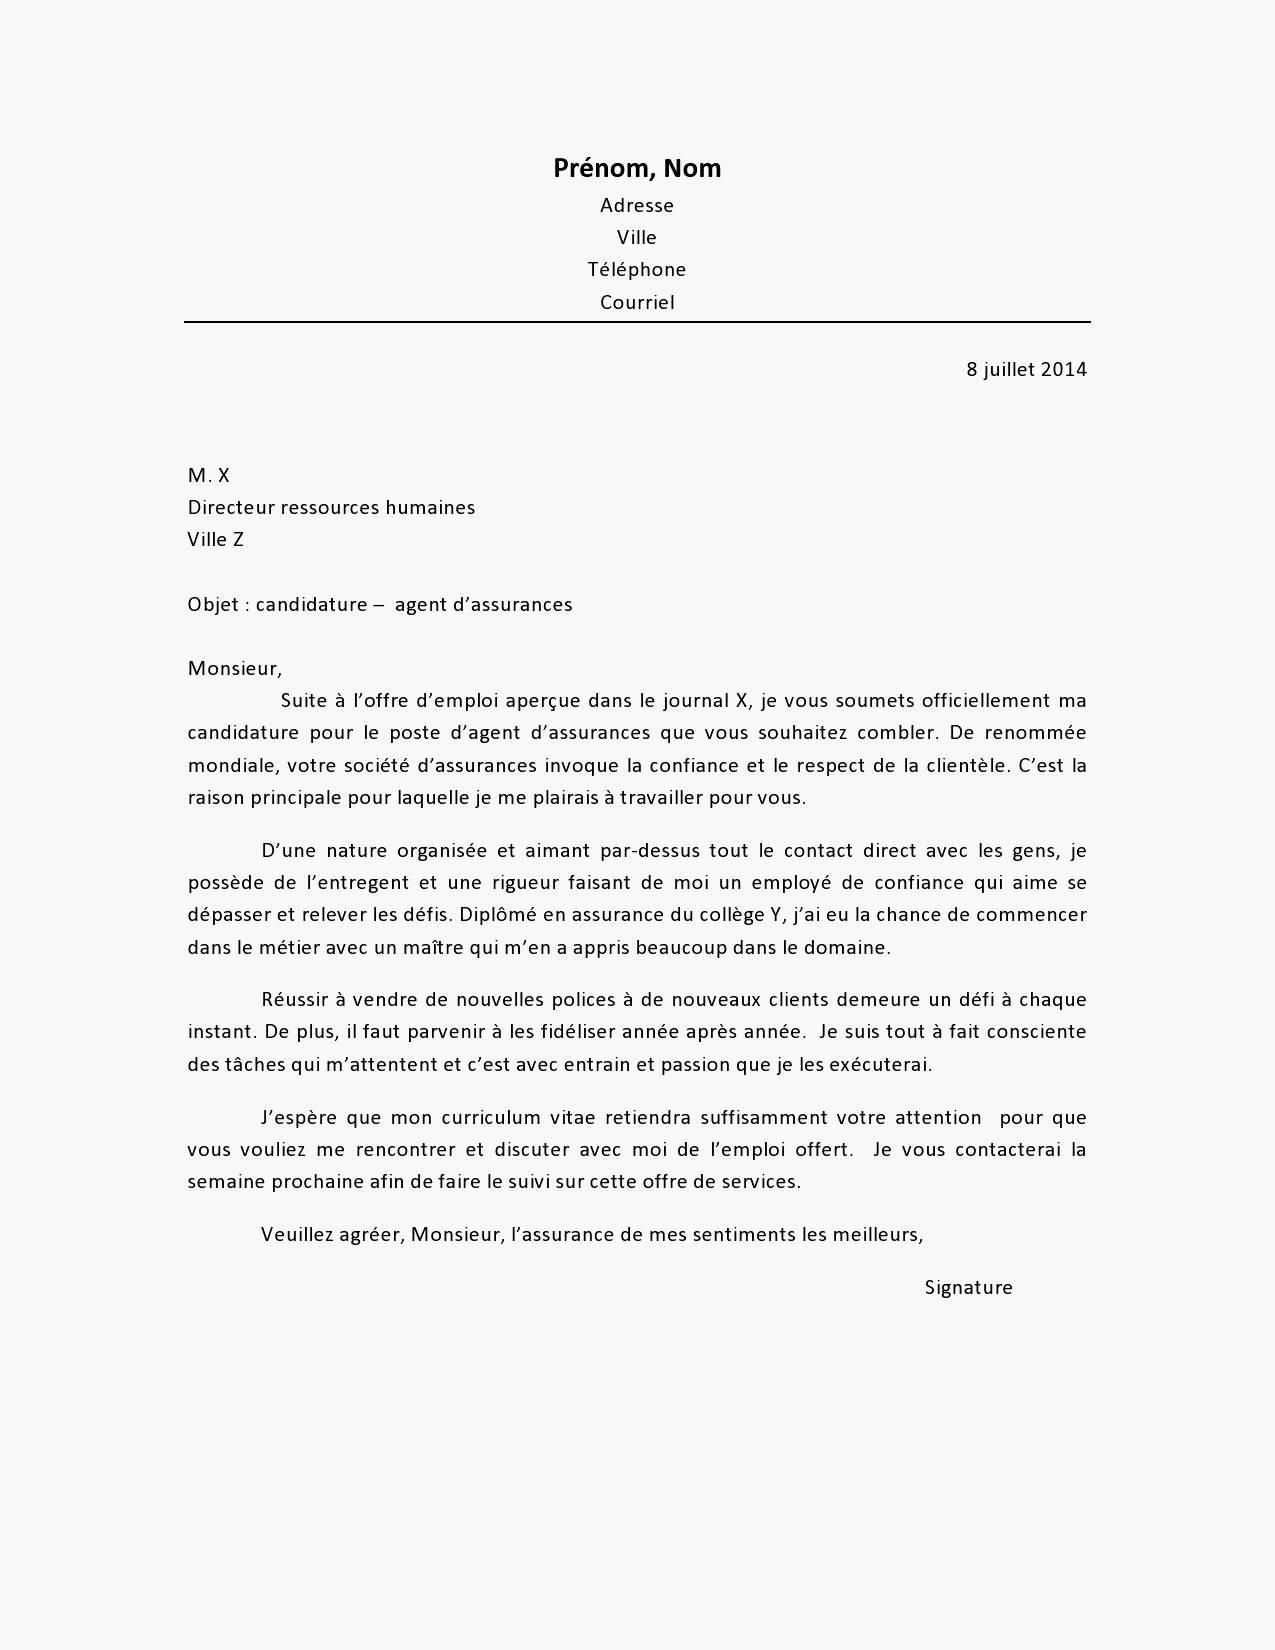 lettre de motivation vendeur article de sport